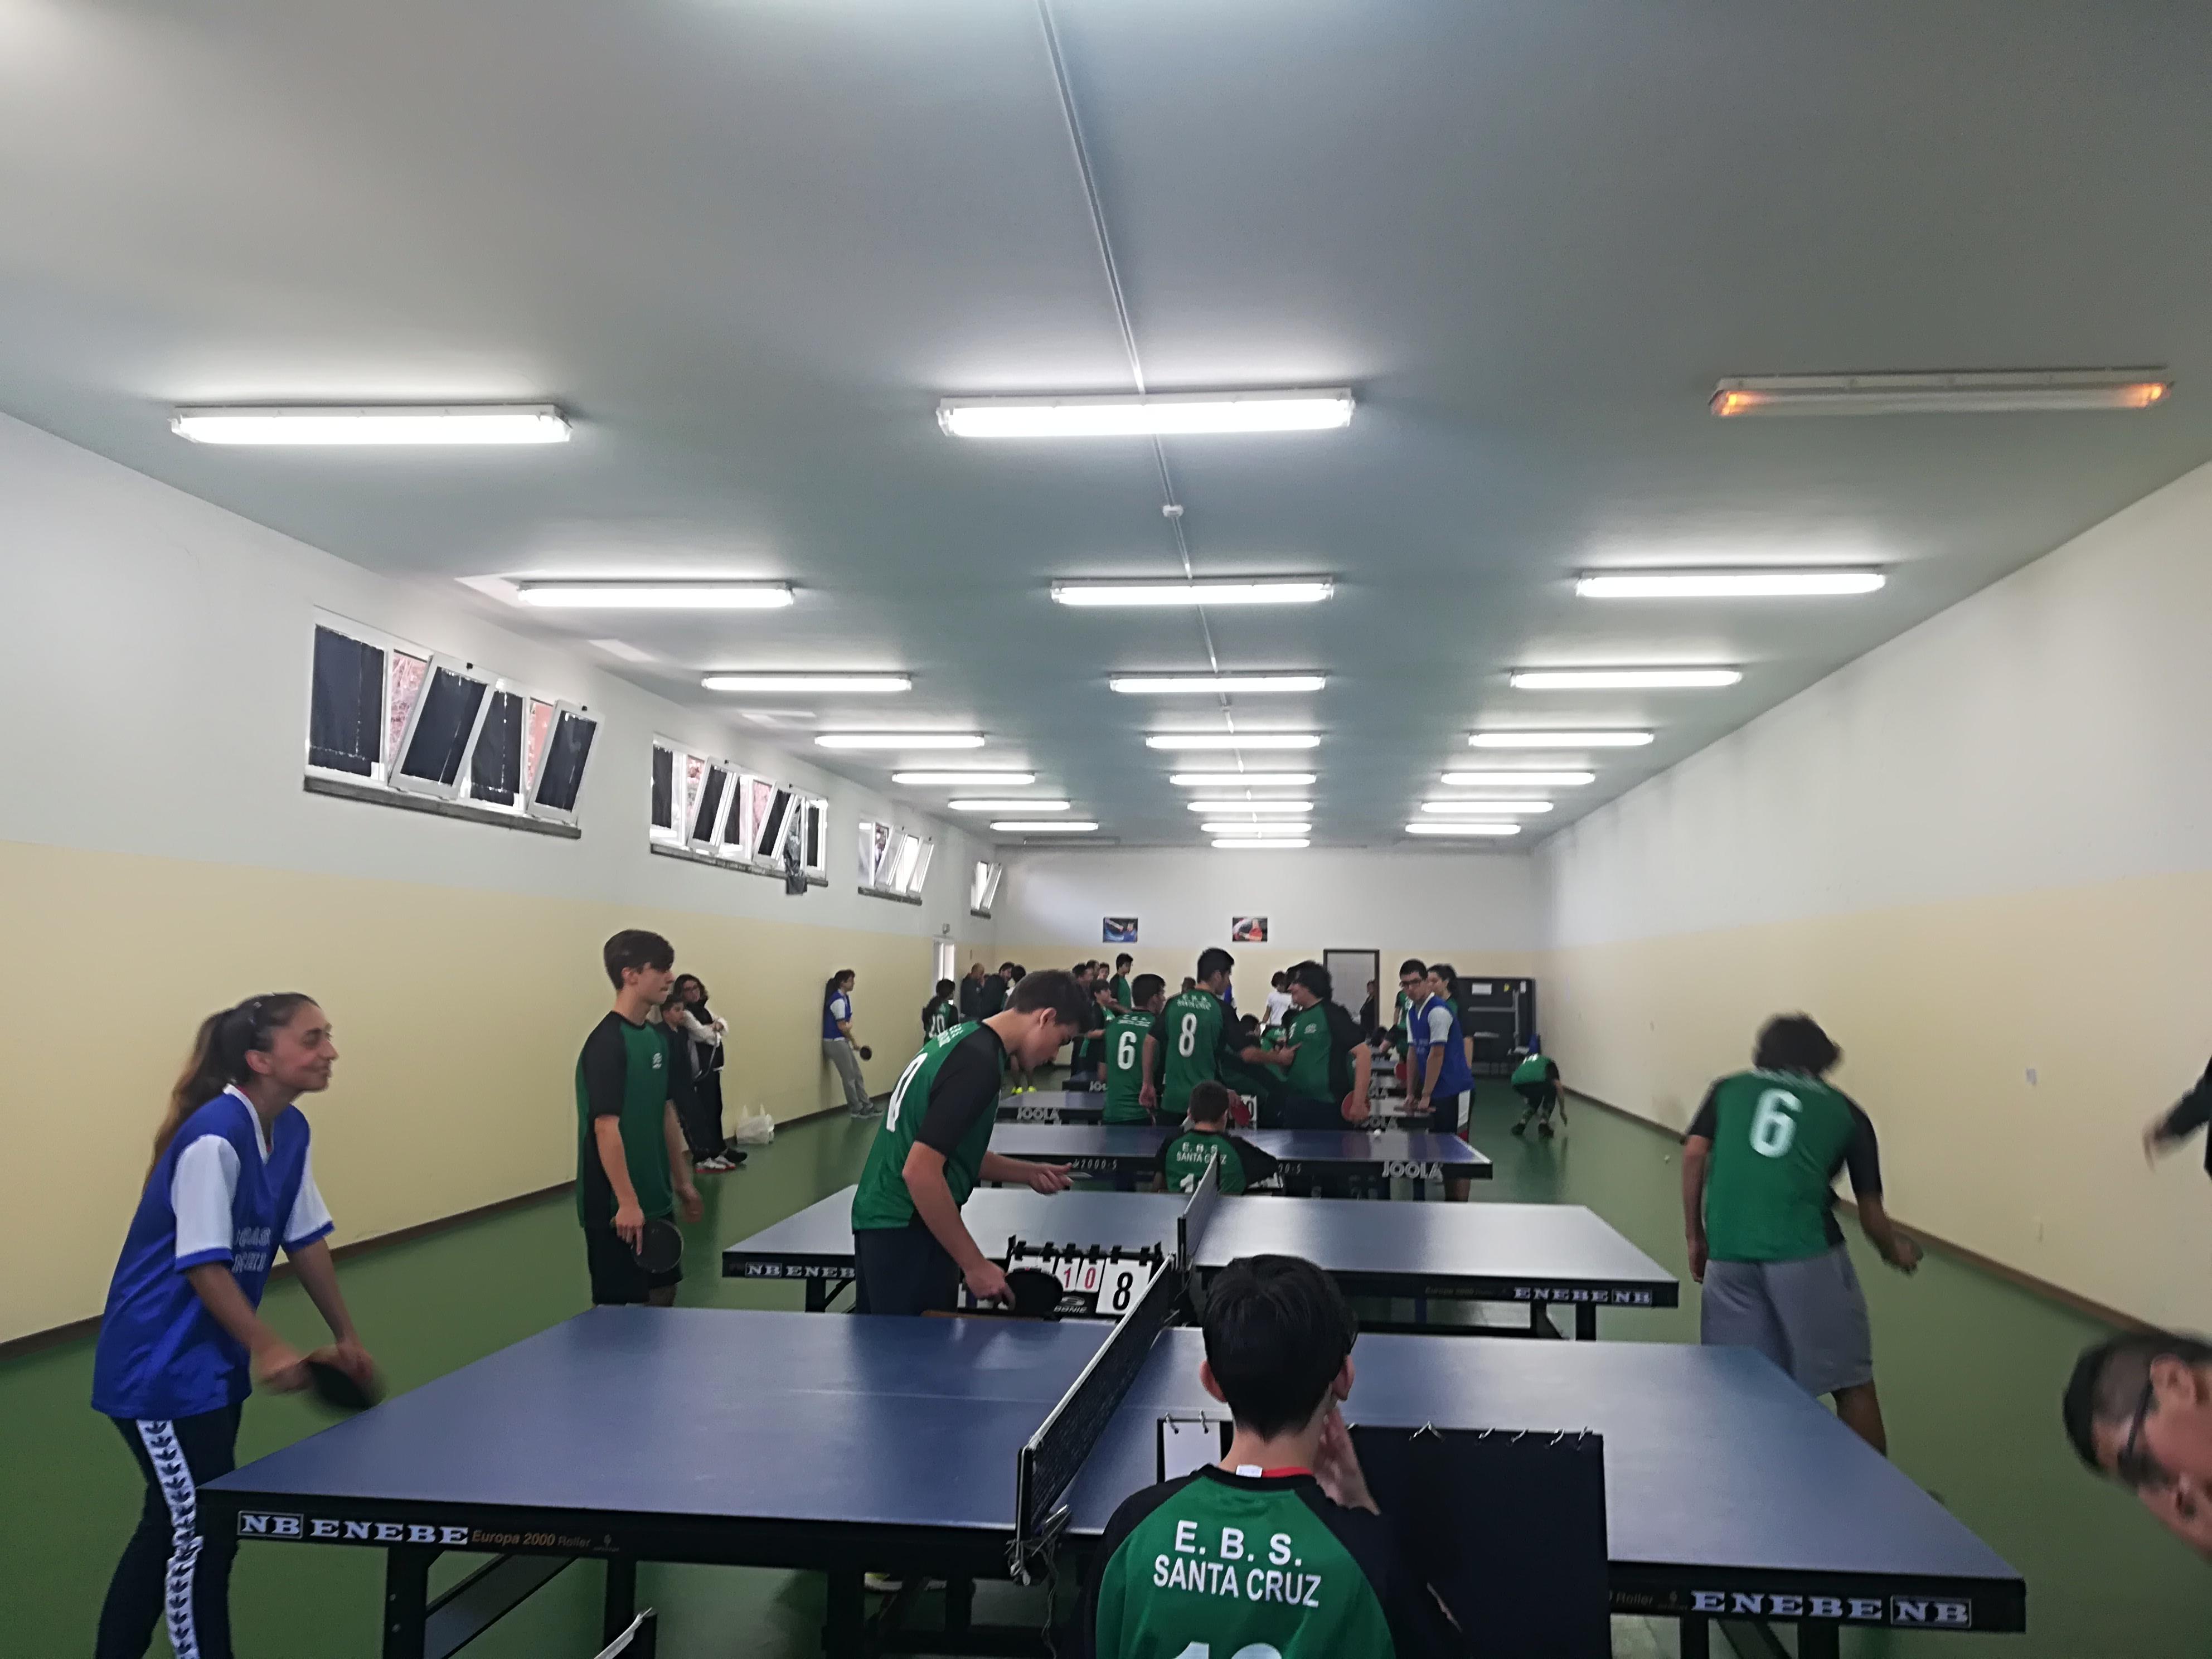 3ª concentração de ténis de mesa